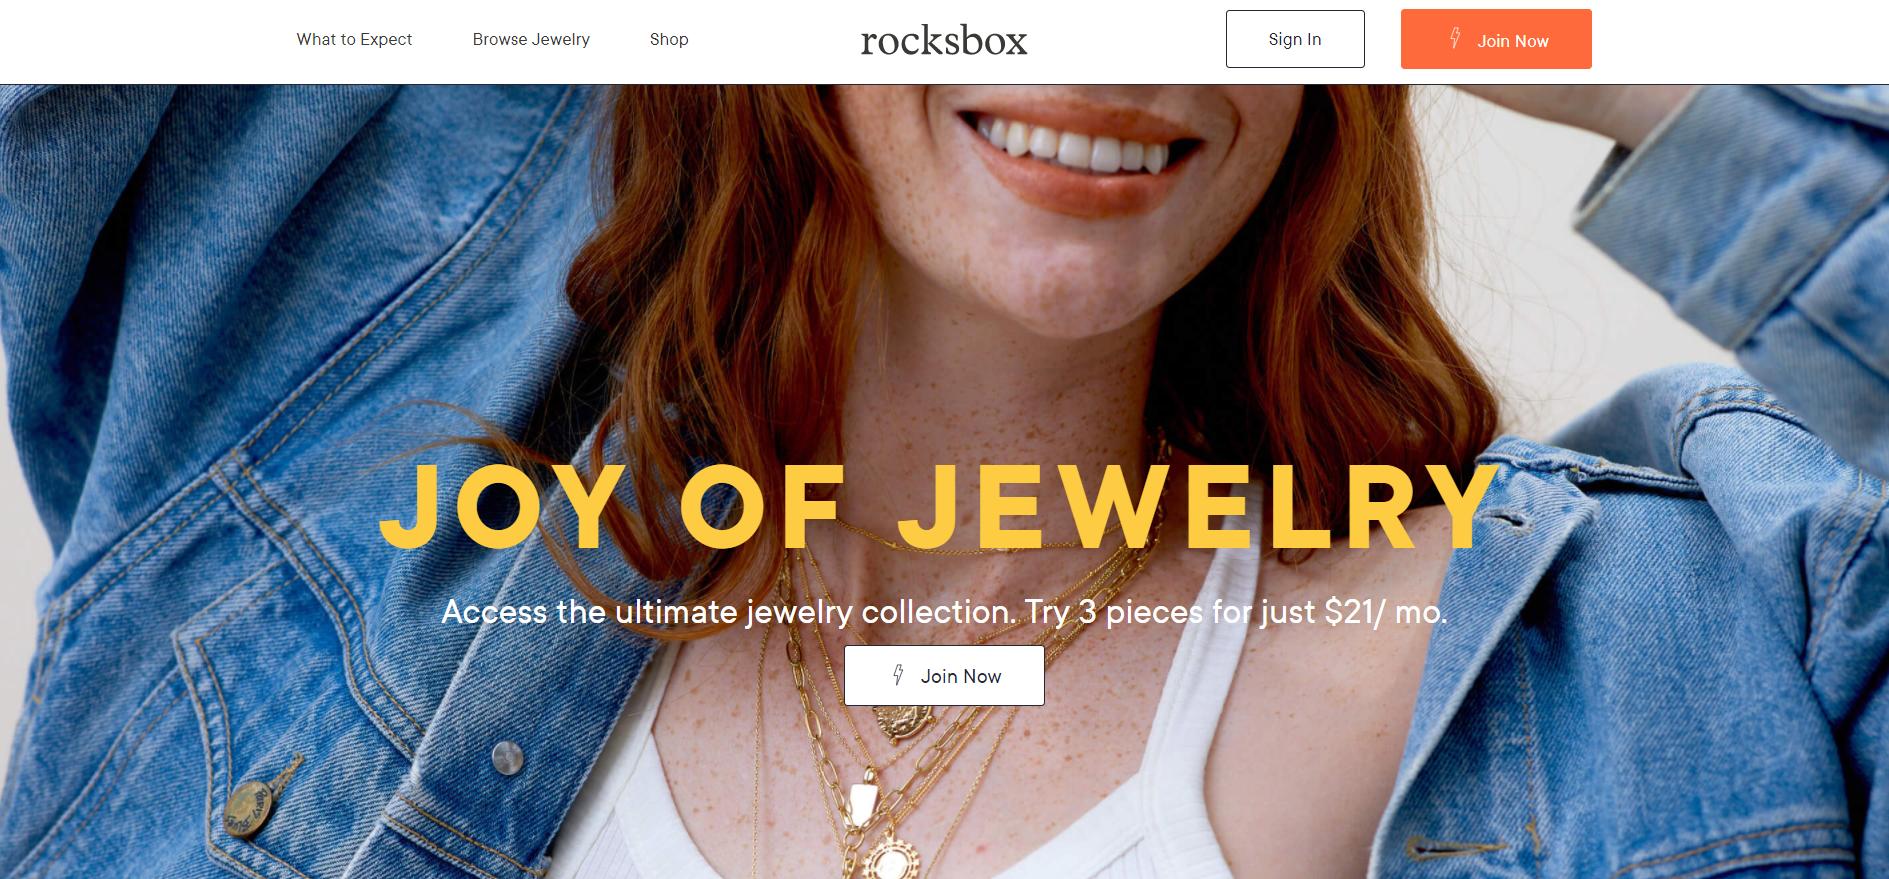 寰球最大钻石猫眼零卖商 Signet 采购旧金山订阅式猫眼电商 Rocksbox